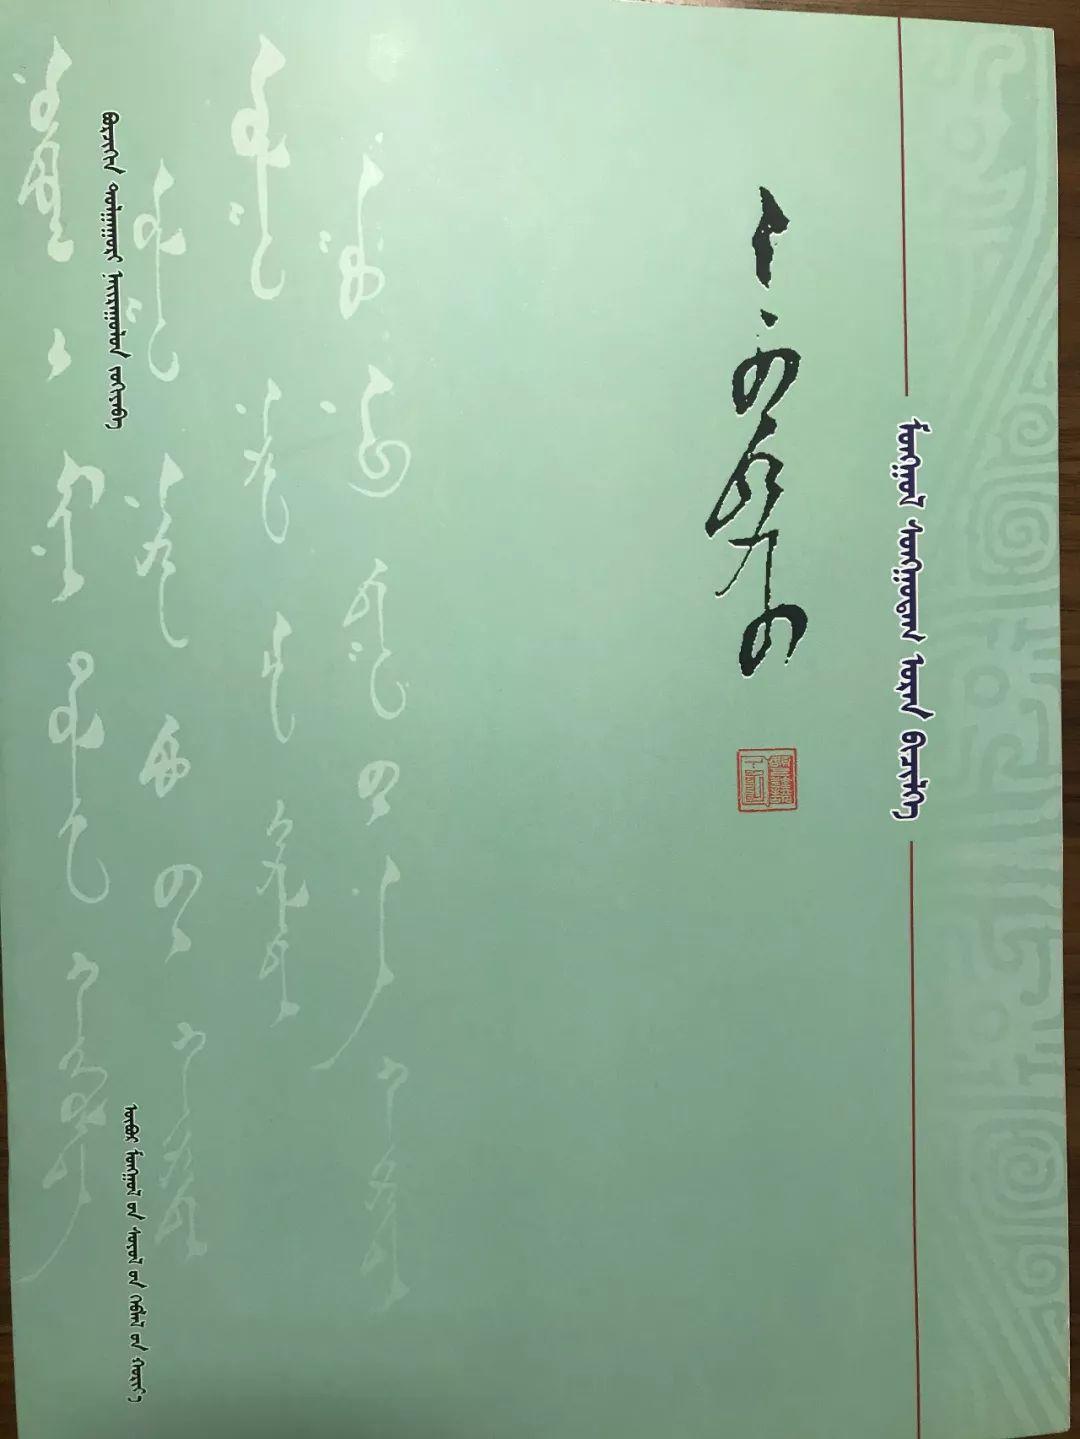 《蒙古文经典书法》在美丽呼伦贝尔首发 第2张 《蒙古文经典书法》在美丽呼伦贝尔首发 蒙古书法